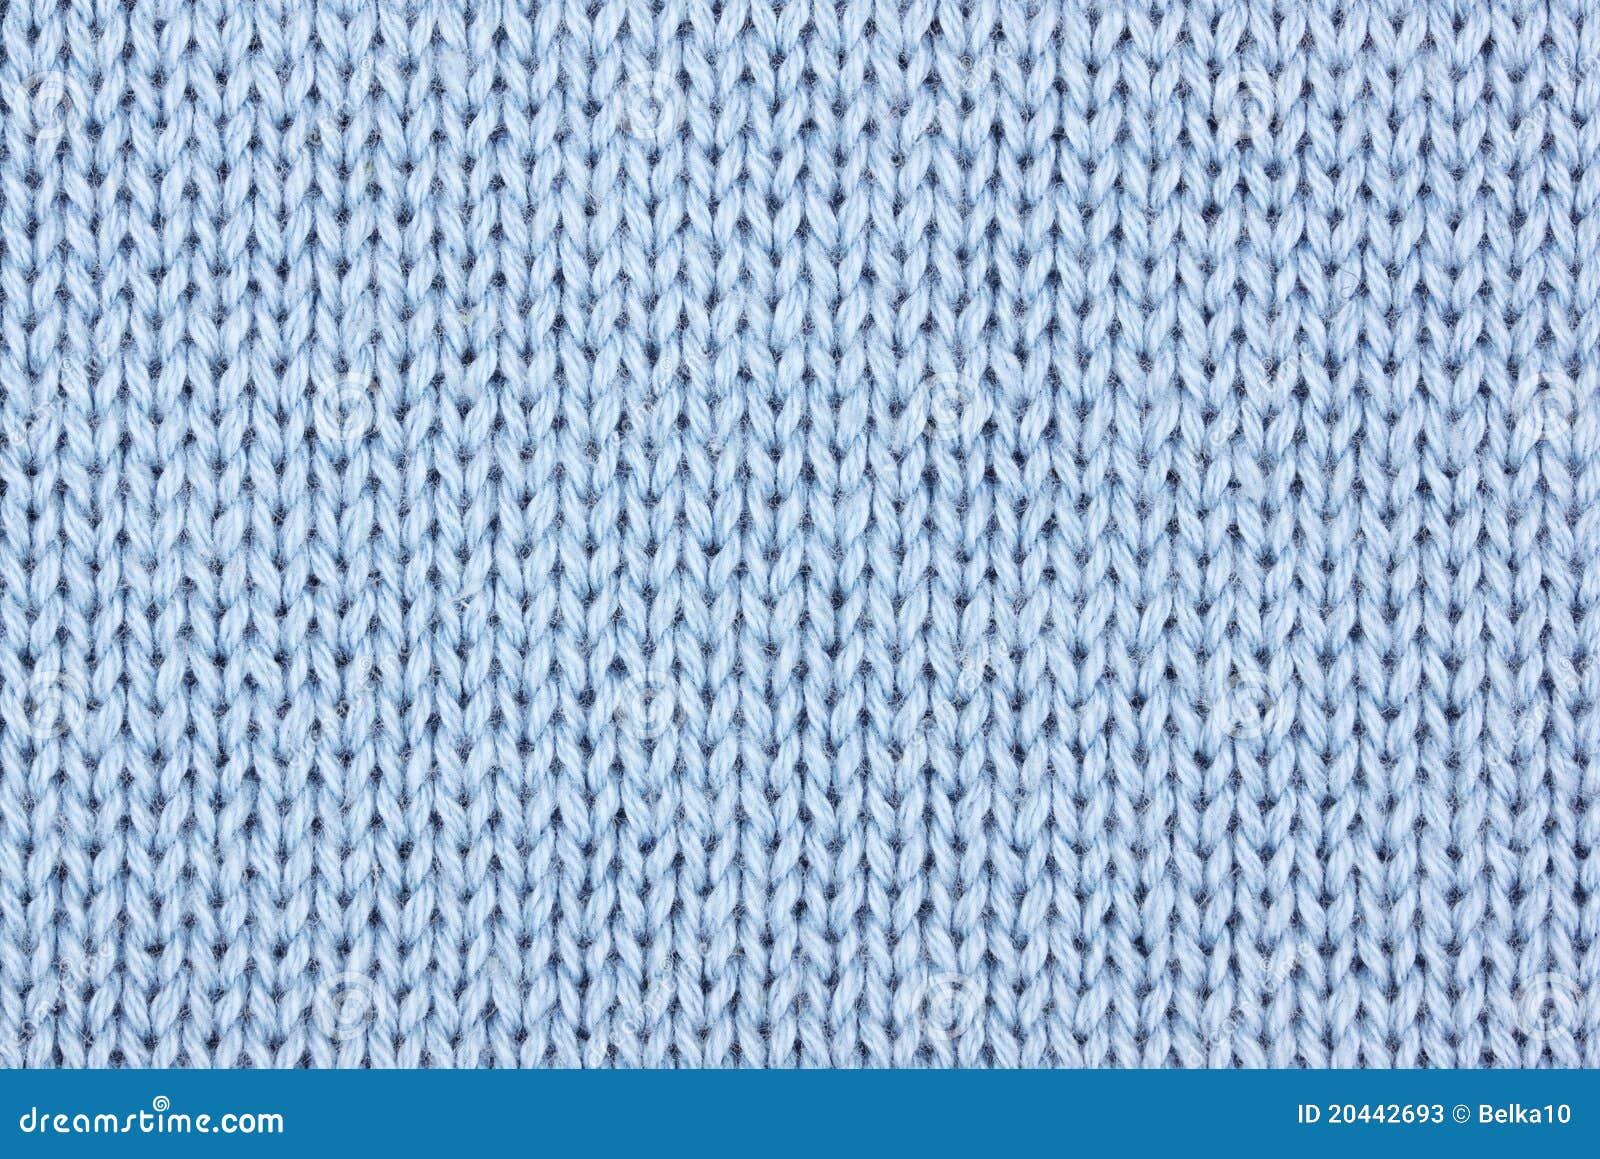 Knitting Background Stock Photos - Image: 20442693